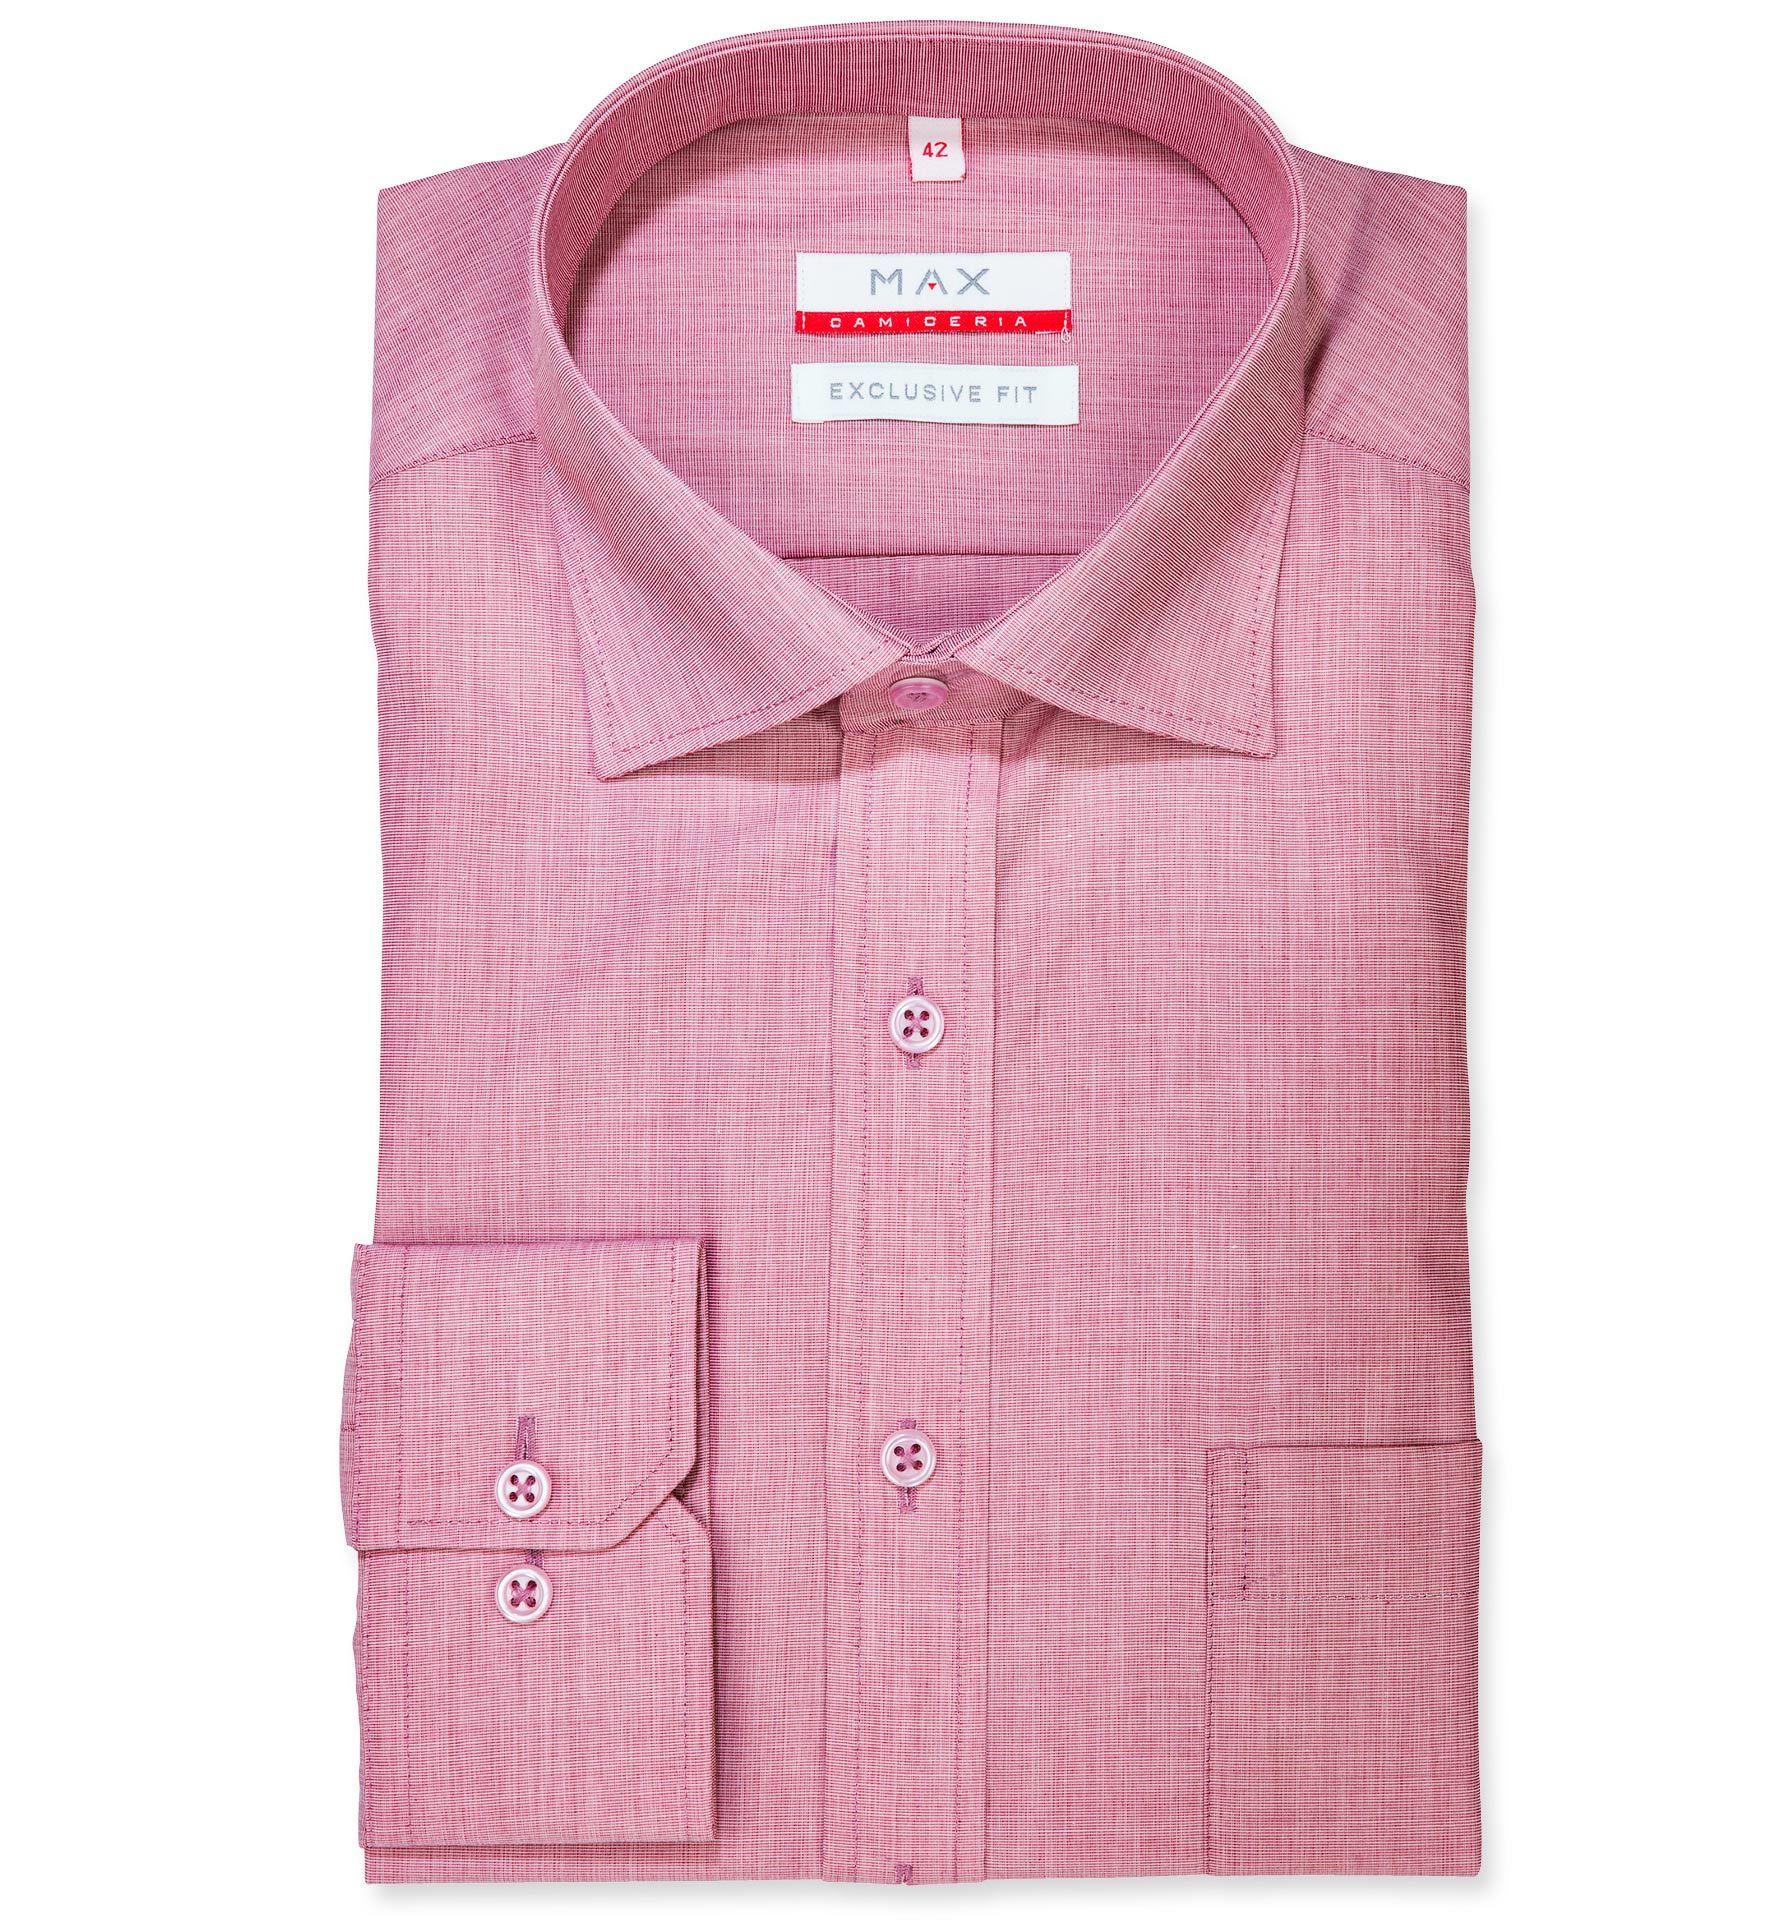 72a552bf95c9 Modern Fit polopriliehavá košeľa Ružovobordová jednofarebná 100% bavlna  Filafil (plátno)